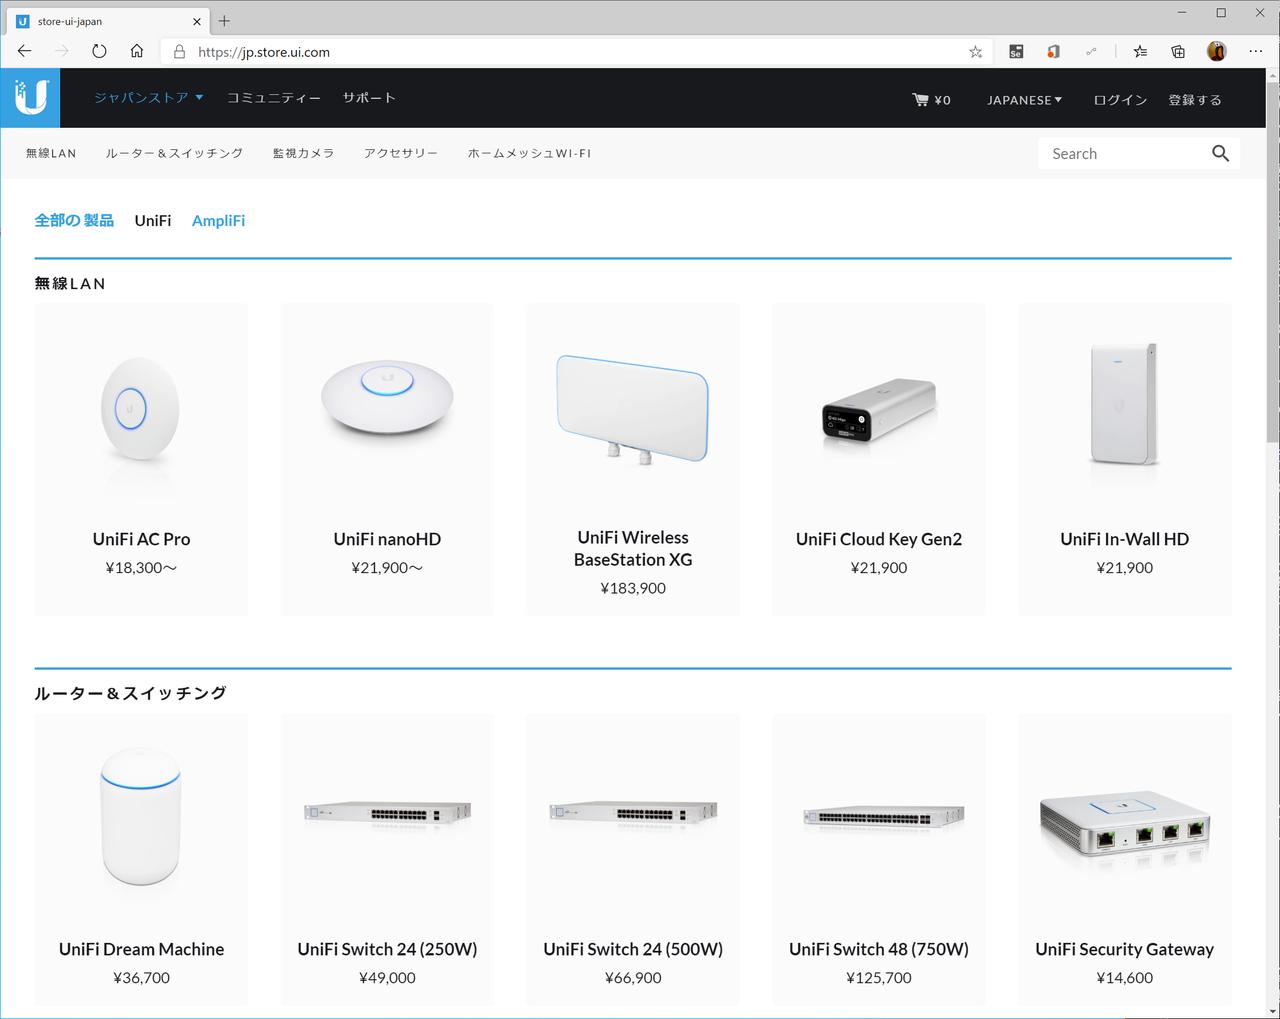 """日本市場向けの「<a href=""""https://jp.store.ui.com/"""" class=""""strong bn"""" target=""""_blank"""">UniFi Store</a>」。高性能なネットワーク機器をリーズナブルな価格で購入できる"""